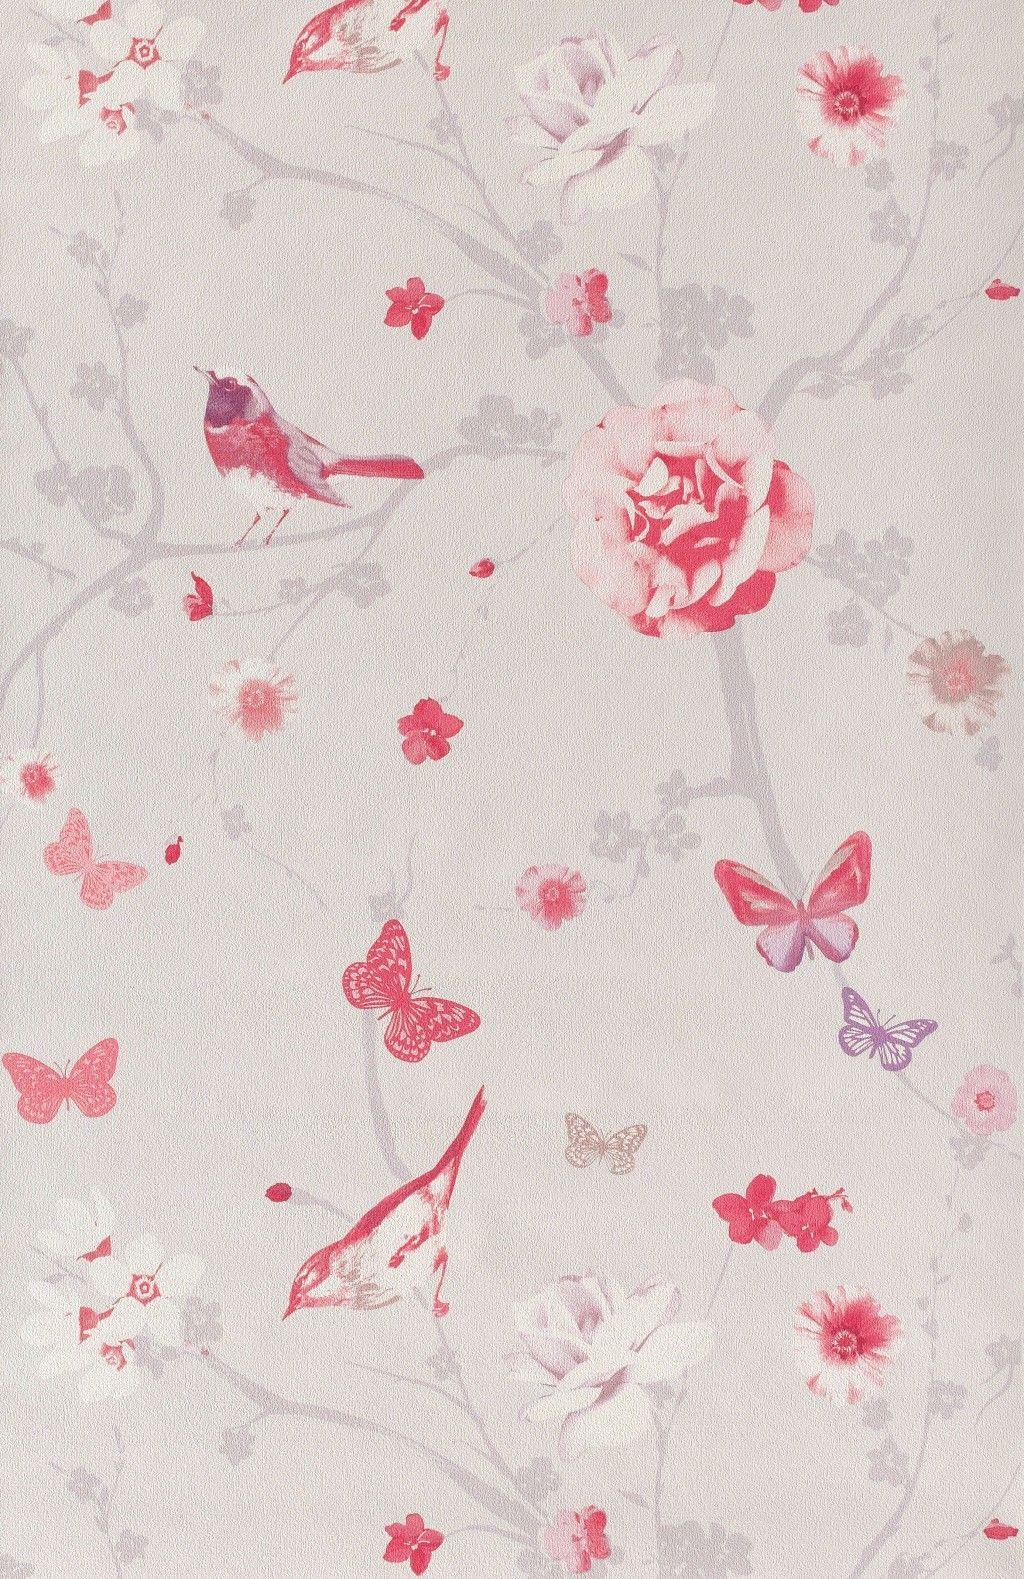 Branche oiseau rose - Papier peint Floral Dance de Lutèce | Oiseau ...